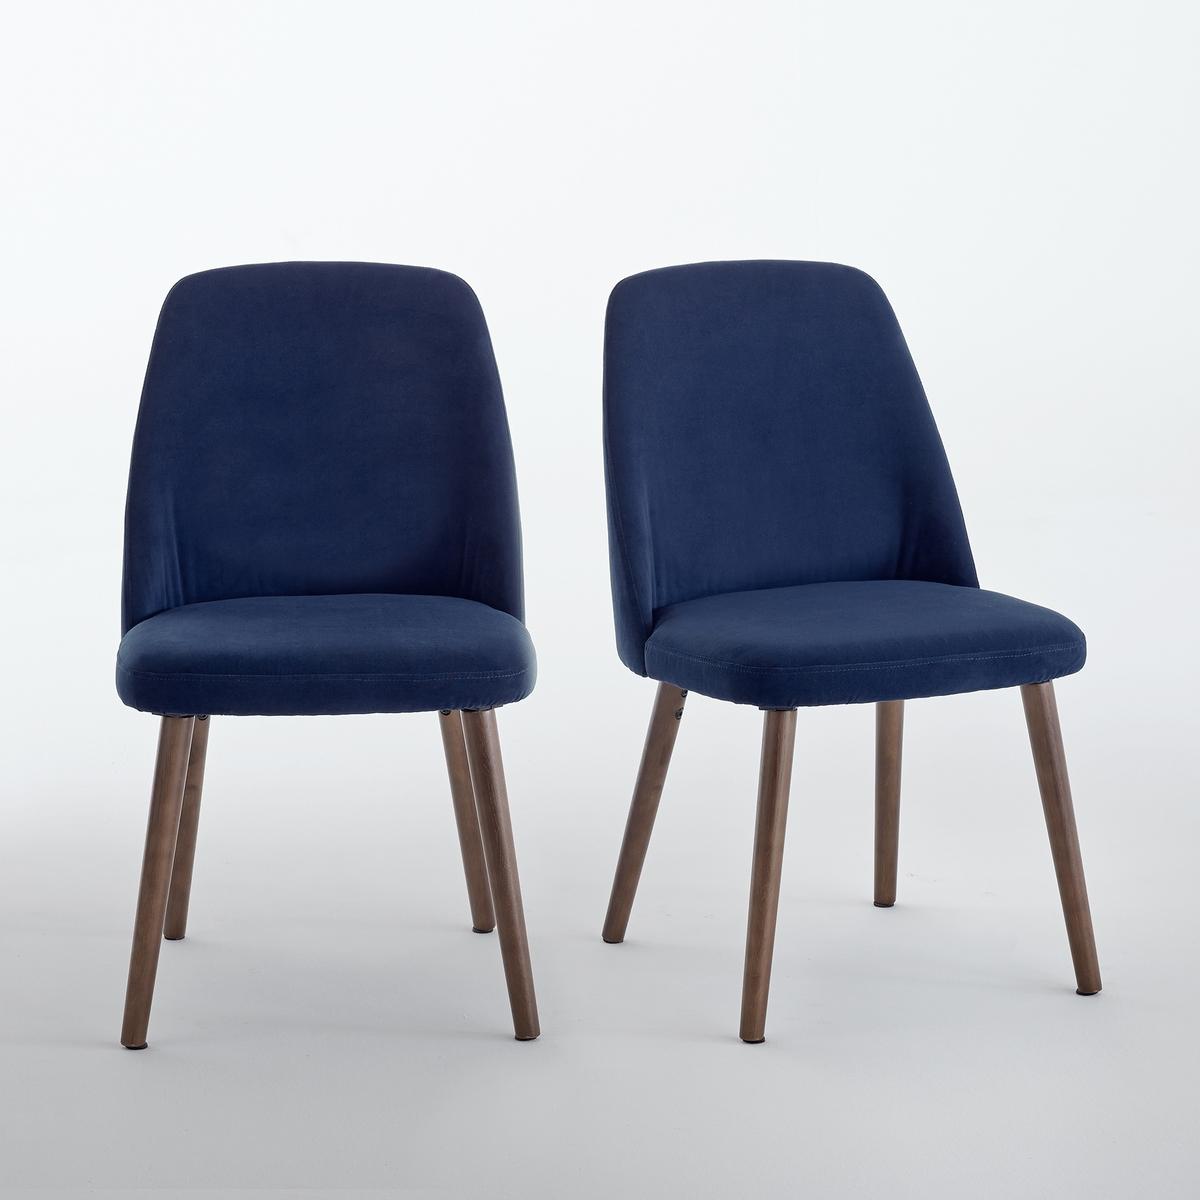 2 стула из велюра и орехового дерева, WATFORD2 стула, велюр и ореховое дерево, Watford. Охватывающая и эргономичная форма для комфорта, очень стильный дизайн, стулья Watford придадут исключительности вокруг стола.Характеристики стула с обивкой из велюра, Watford :Охватывающая эргономичная форма.Обивка спинки и сиденья из велюра 100% полиэстер.Наполнитель из вспененного полиуретана для спинки (25 кг/м?), для сиденья (28 кг/м?).Ножки из массива бука, под орех, покрытие нитролаком.Для оптимального качества и устойчивости рекомендуется надежно затянуть болты. Откройте для себя всю коллекцию Watford на сайте laredoute.ru.Размеры стула с обивкой из велюра Watford :Общие :Длина : 48 см.Высота : 82,5 смГлубина : 55,5 смСиденье :Высота : 45,5 смРазмеры и вес упаковки :1 коробкаШир. 58 x Выс. 56 x Гл. 44,5 см17 кгДоставка :Стулья Watford продаются в разобранном виде.Возможна доставка до квартиры по предварительному согласованию !Внимание ! Убедитесь, что дверные, лестничные и лифтовые проемы позволяют осуществить доставку коробки таких габаритов .<br><br>Цвет: темно-синий